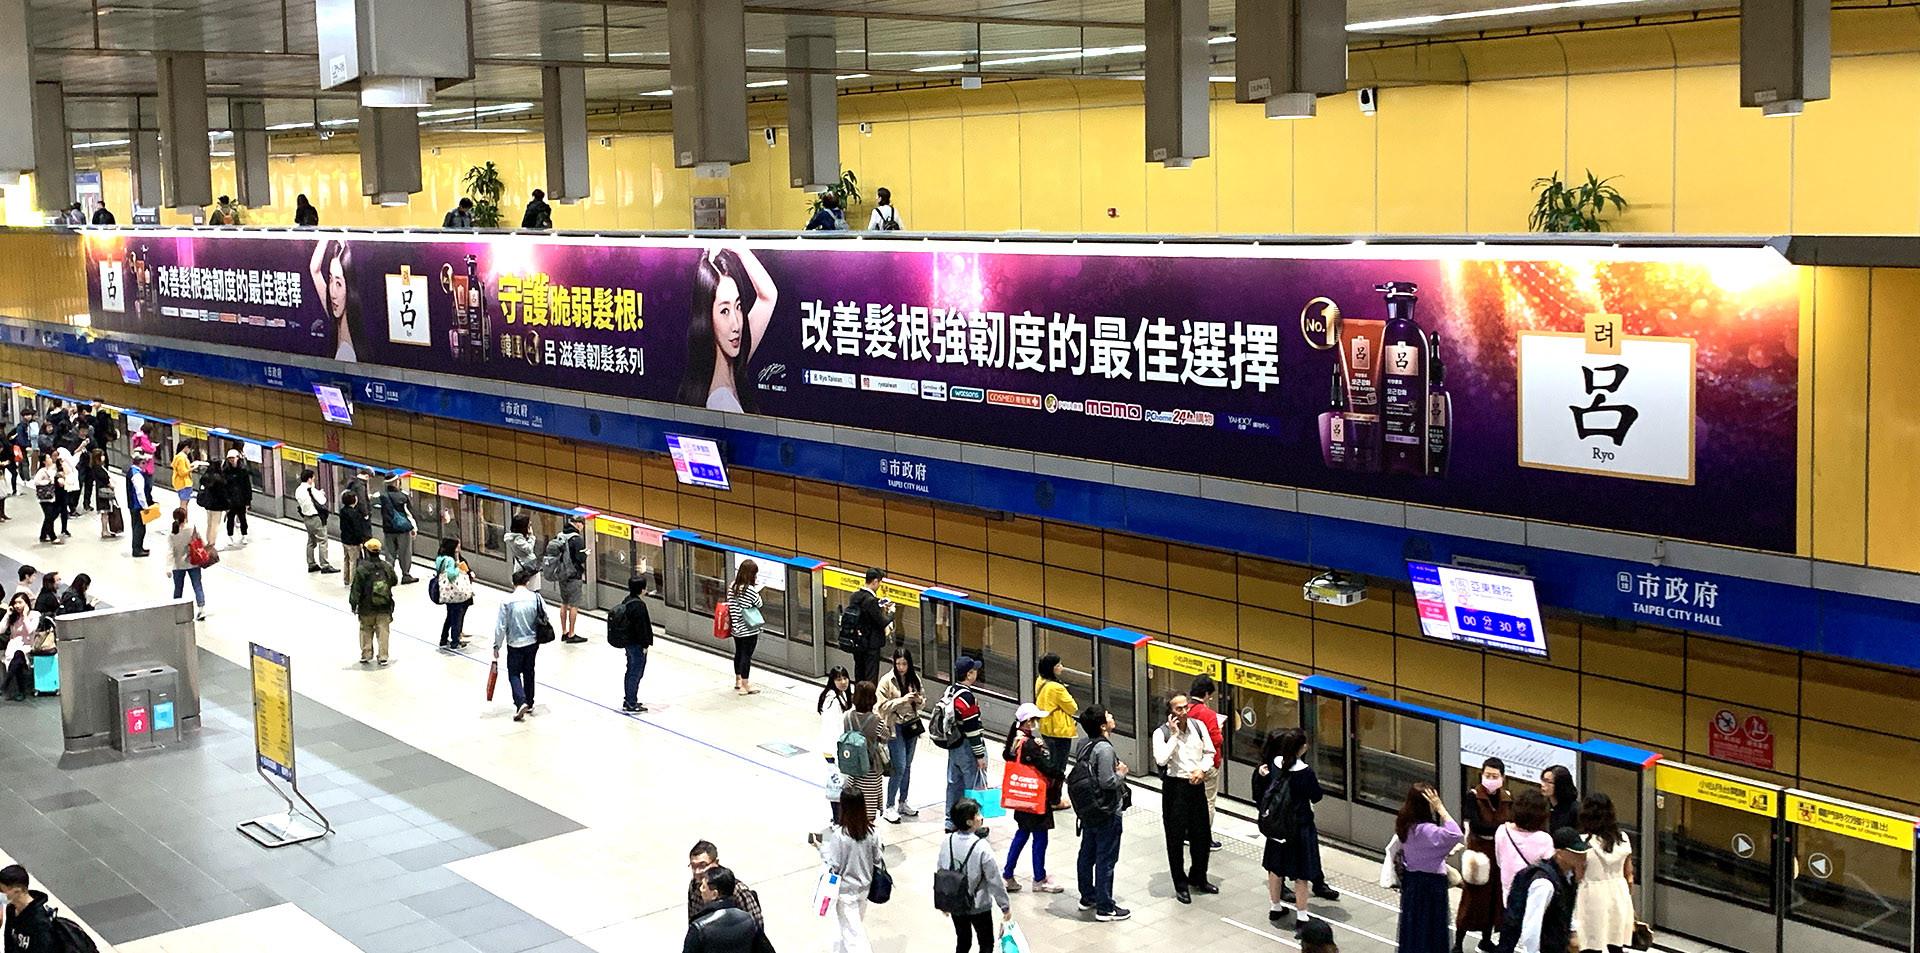 台北捷運廣告刊登 市府站珐瑯版 呂洗髮精